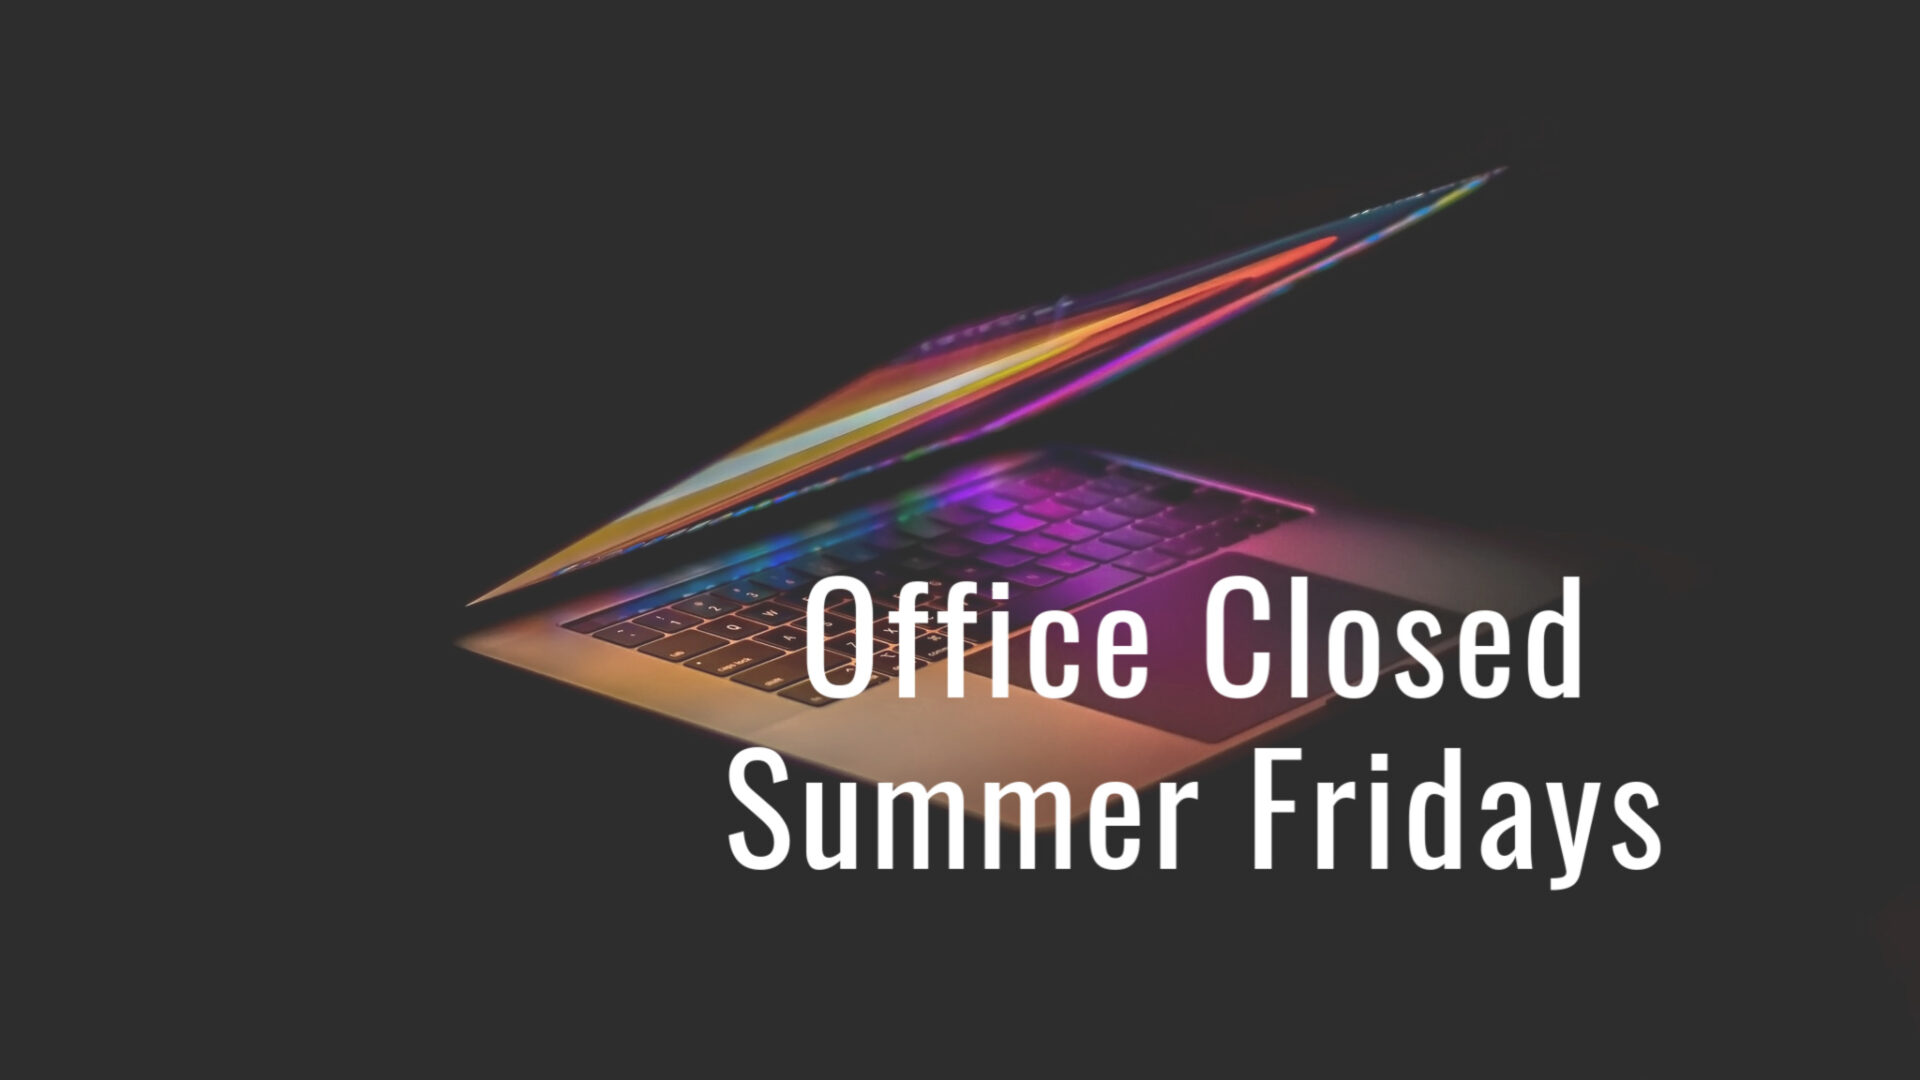 summer fridays closed laptop